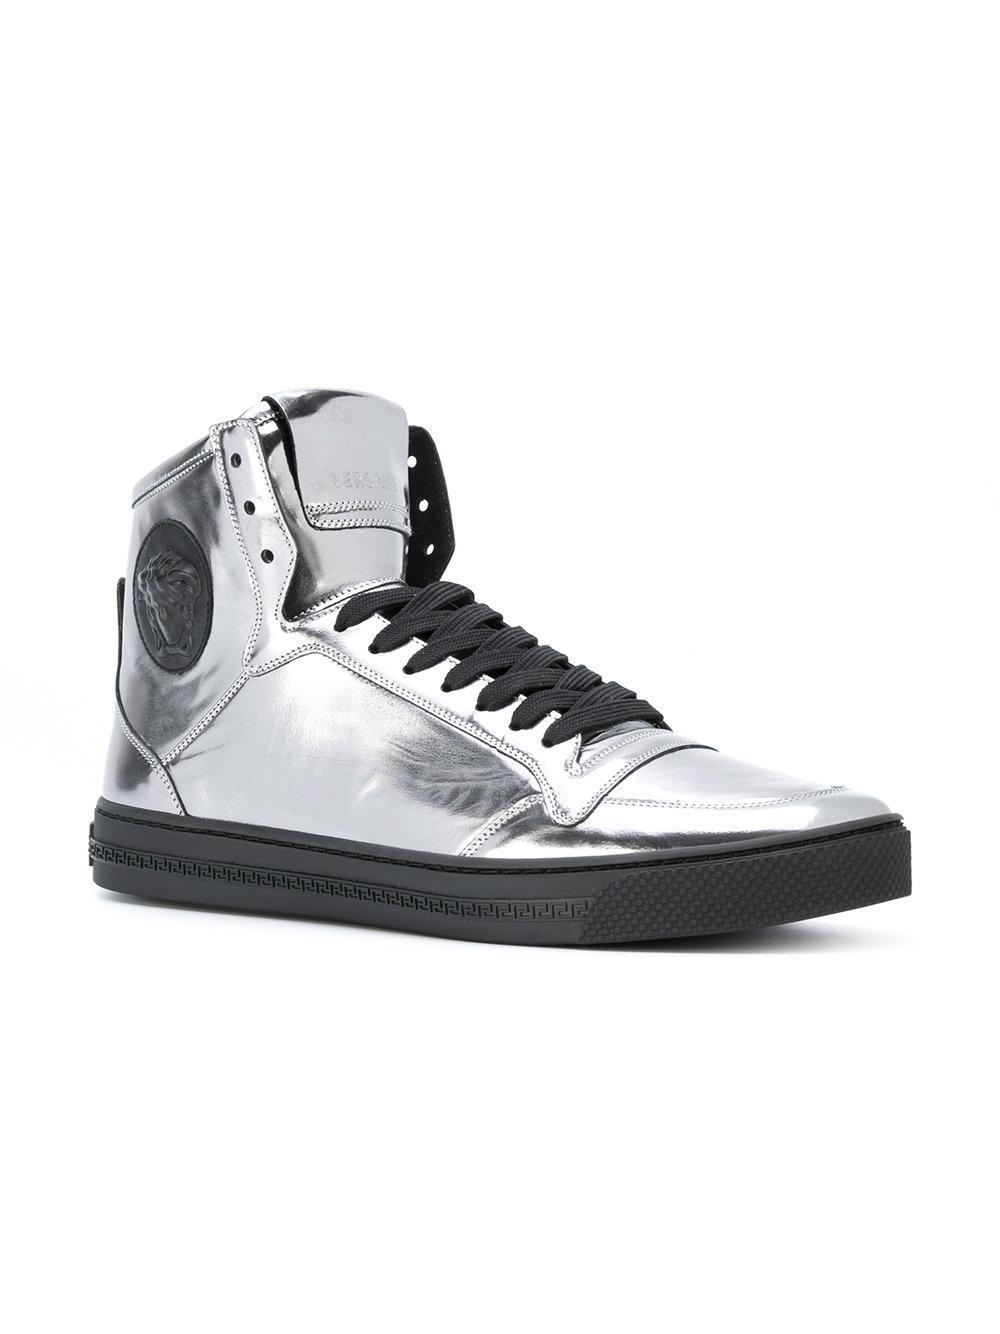 83c18641ea8 Lyst - Versace Medusa Palazzo High-top Sneakers in Metallic for Men